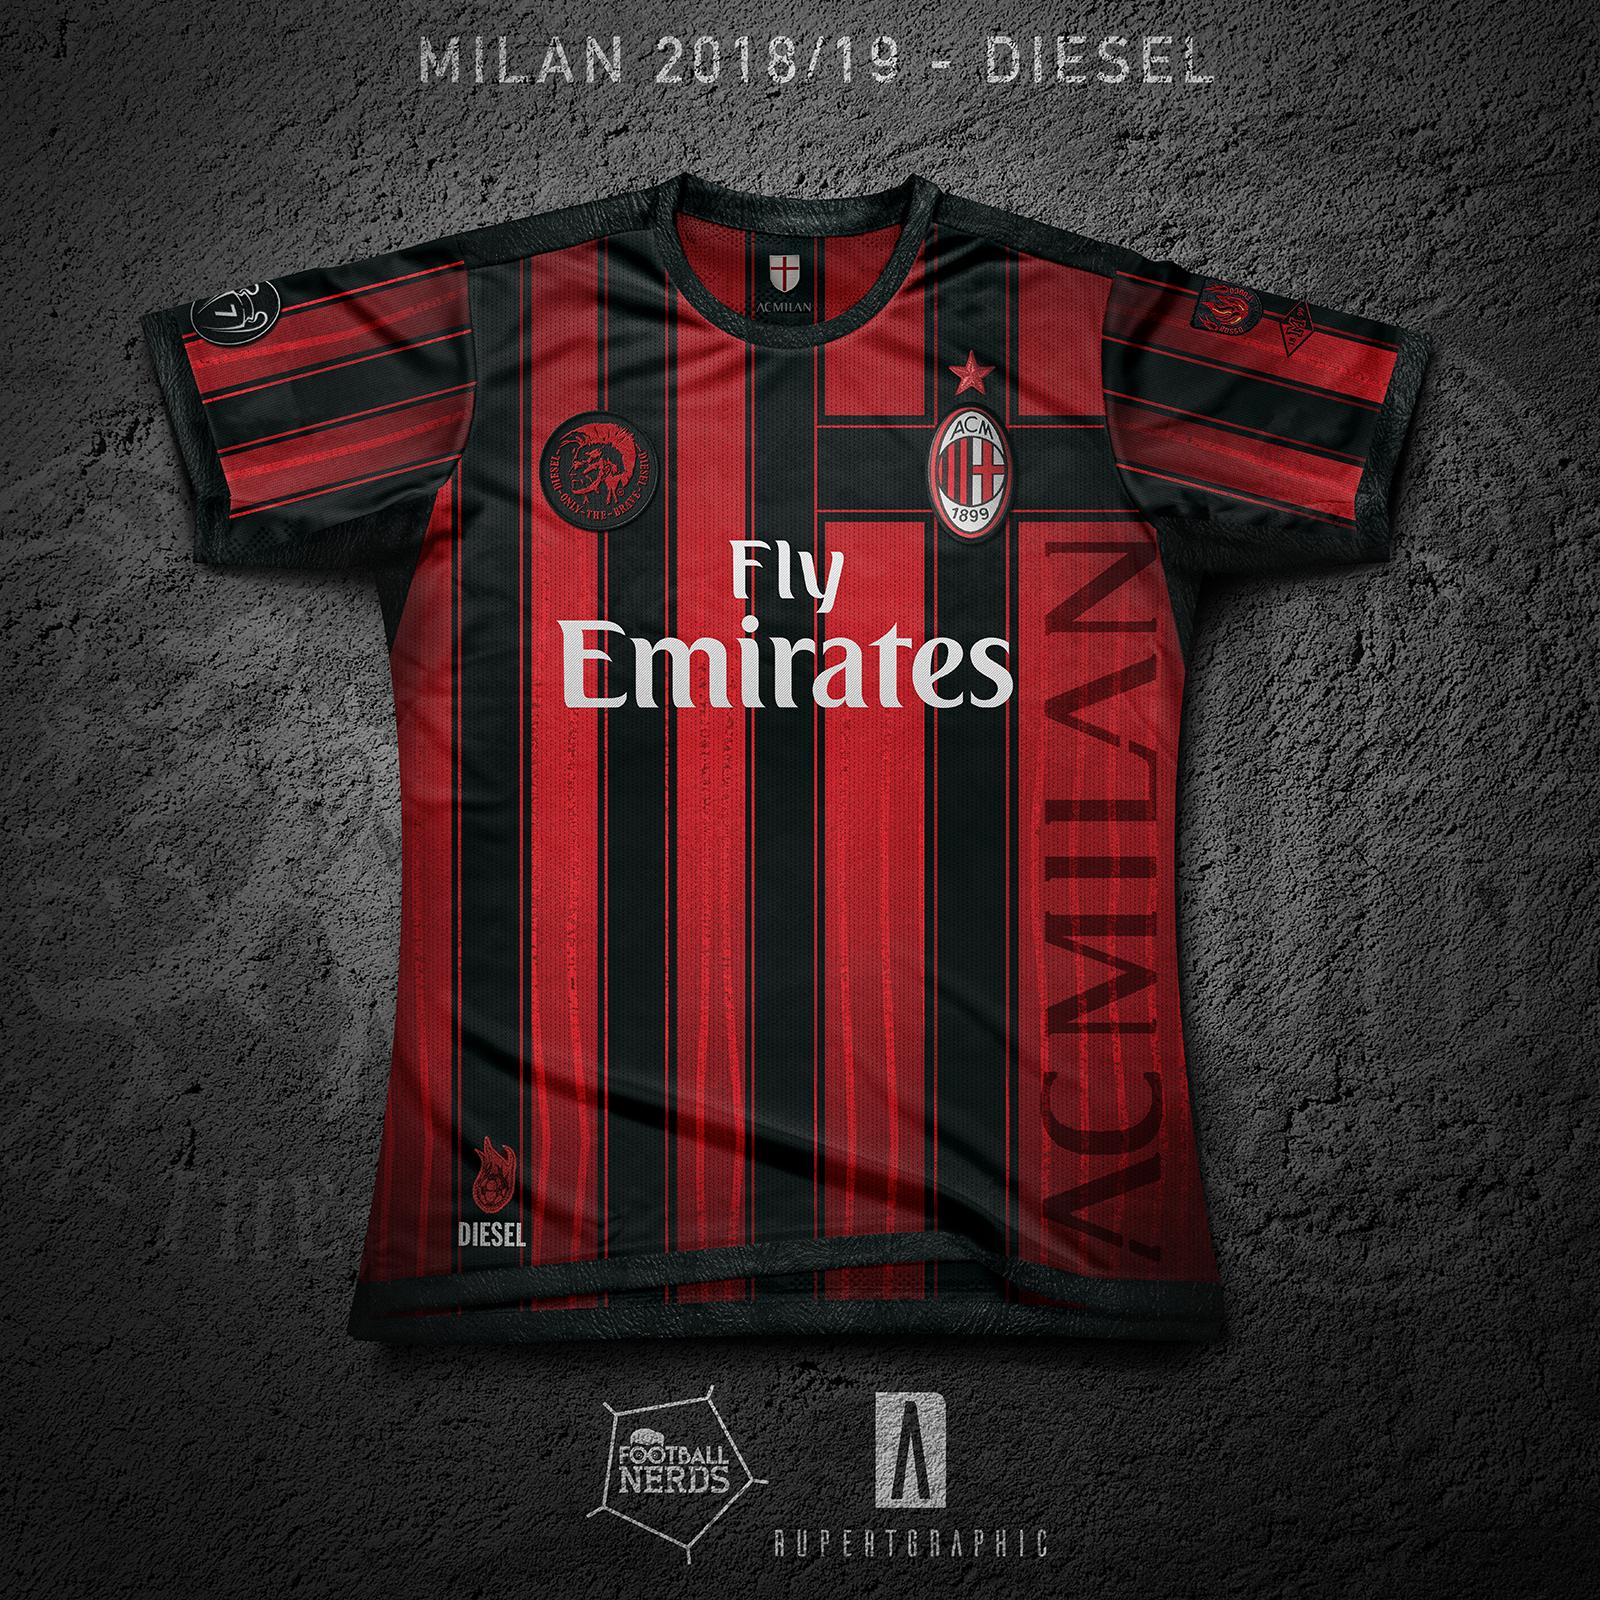 93ebc2bfb AC Milan DIESEL Kit Concept